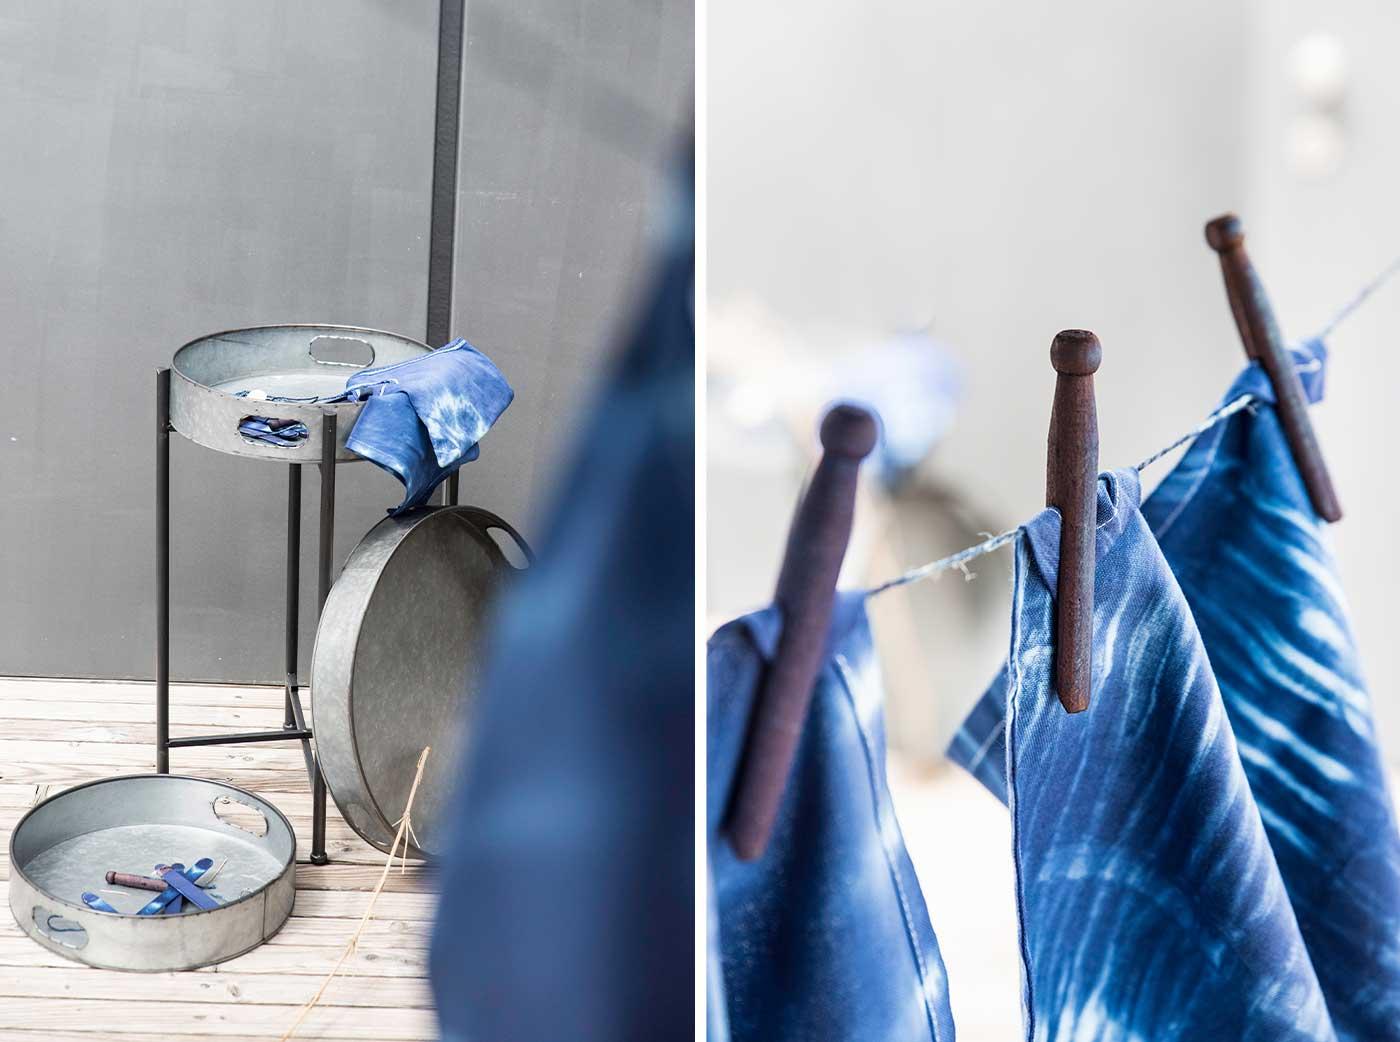 Servietten mit der Shiboritechnik färben.